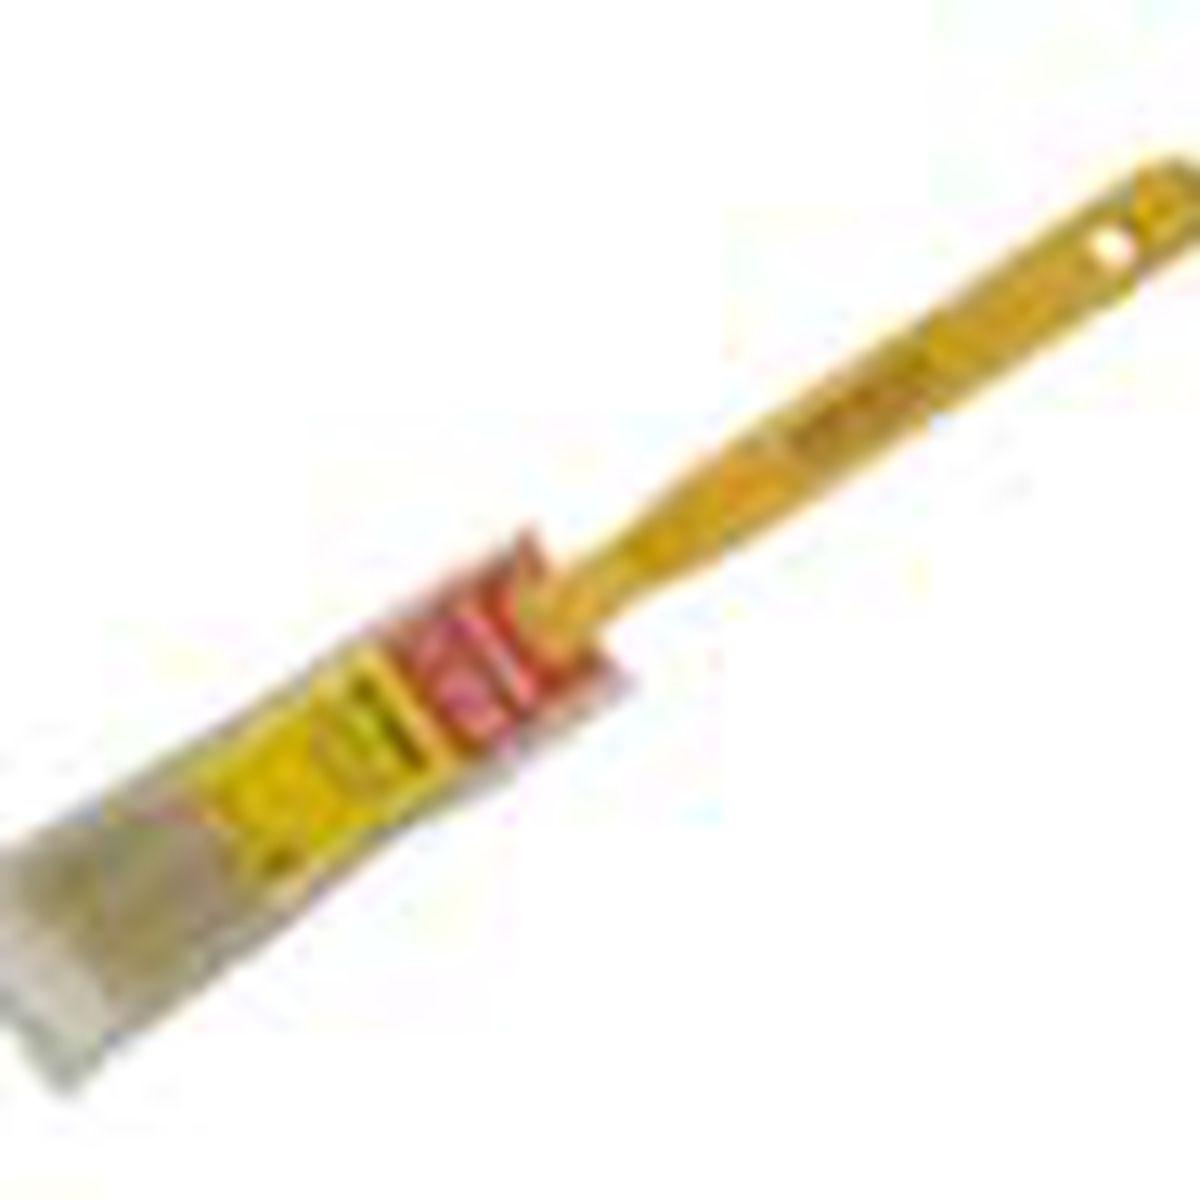 1 inch paint brush